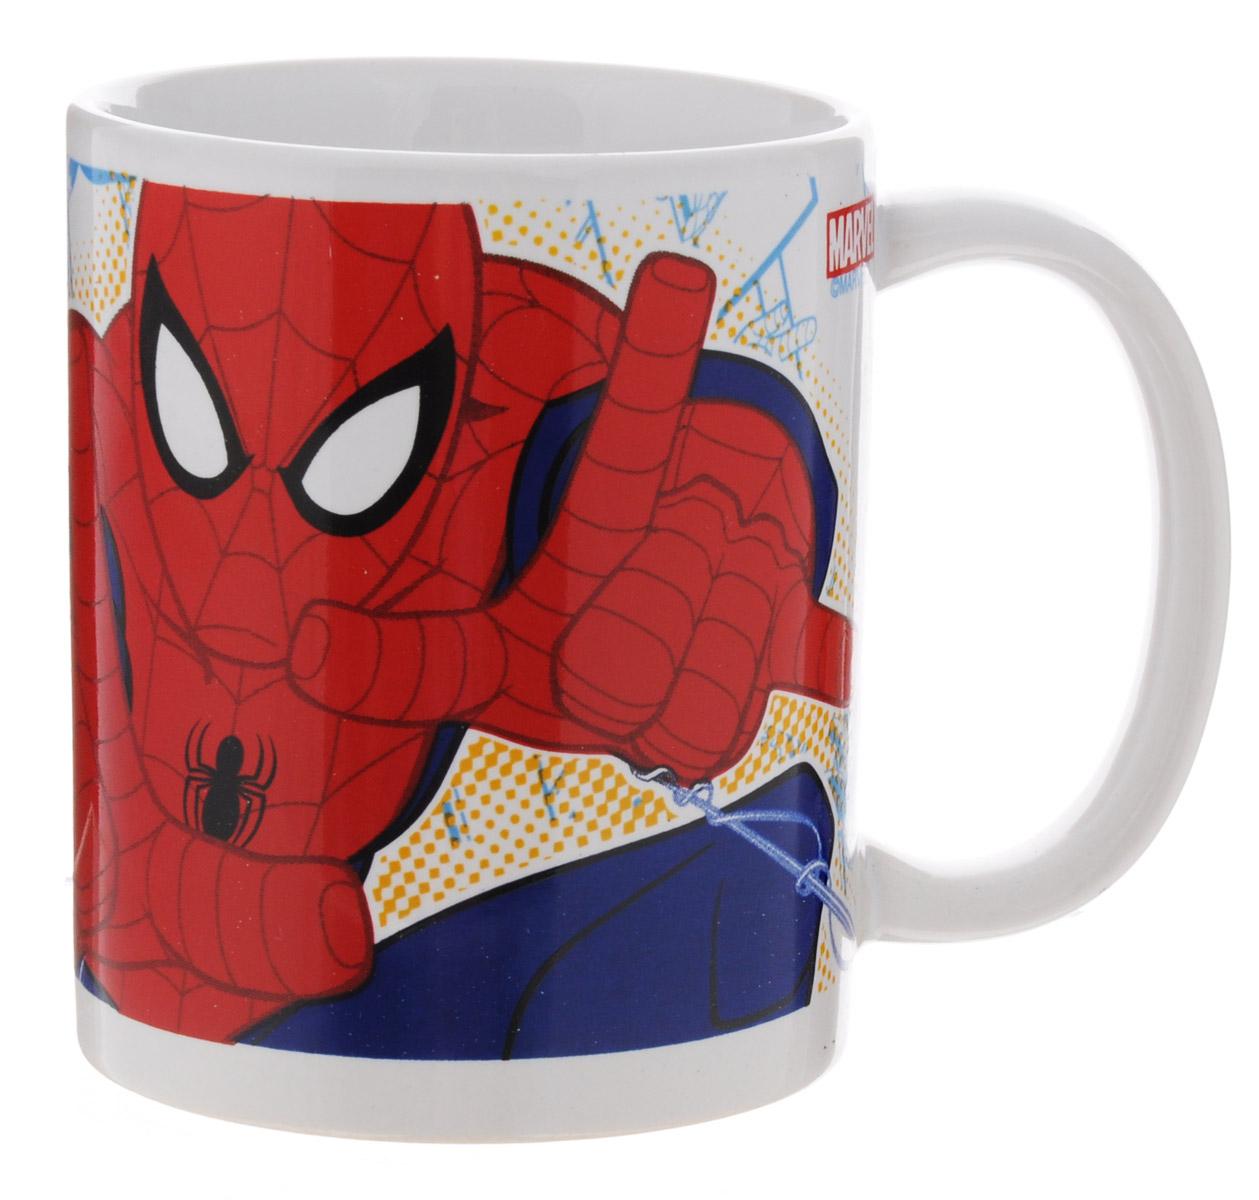 Disney Кружка детская Спайдермен 330 мл115510Детская кружка Disney Спайдермен с любимым героем станет отличным подарком для вашего ребенка. Она выполнена из керамики и оформлена изображением Человека-паука.Кружка дополнена удобной ручкой. Такой подарок станет не только приятным, но и практичным сувениром: кружка будет незаменимым атрибутом чаепития, а оригинальное оформление кружки добавит ярких эмоций и хорошего настроения.Можно использовать в СВЧ-печи и посудомоечной машине.